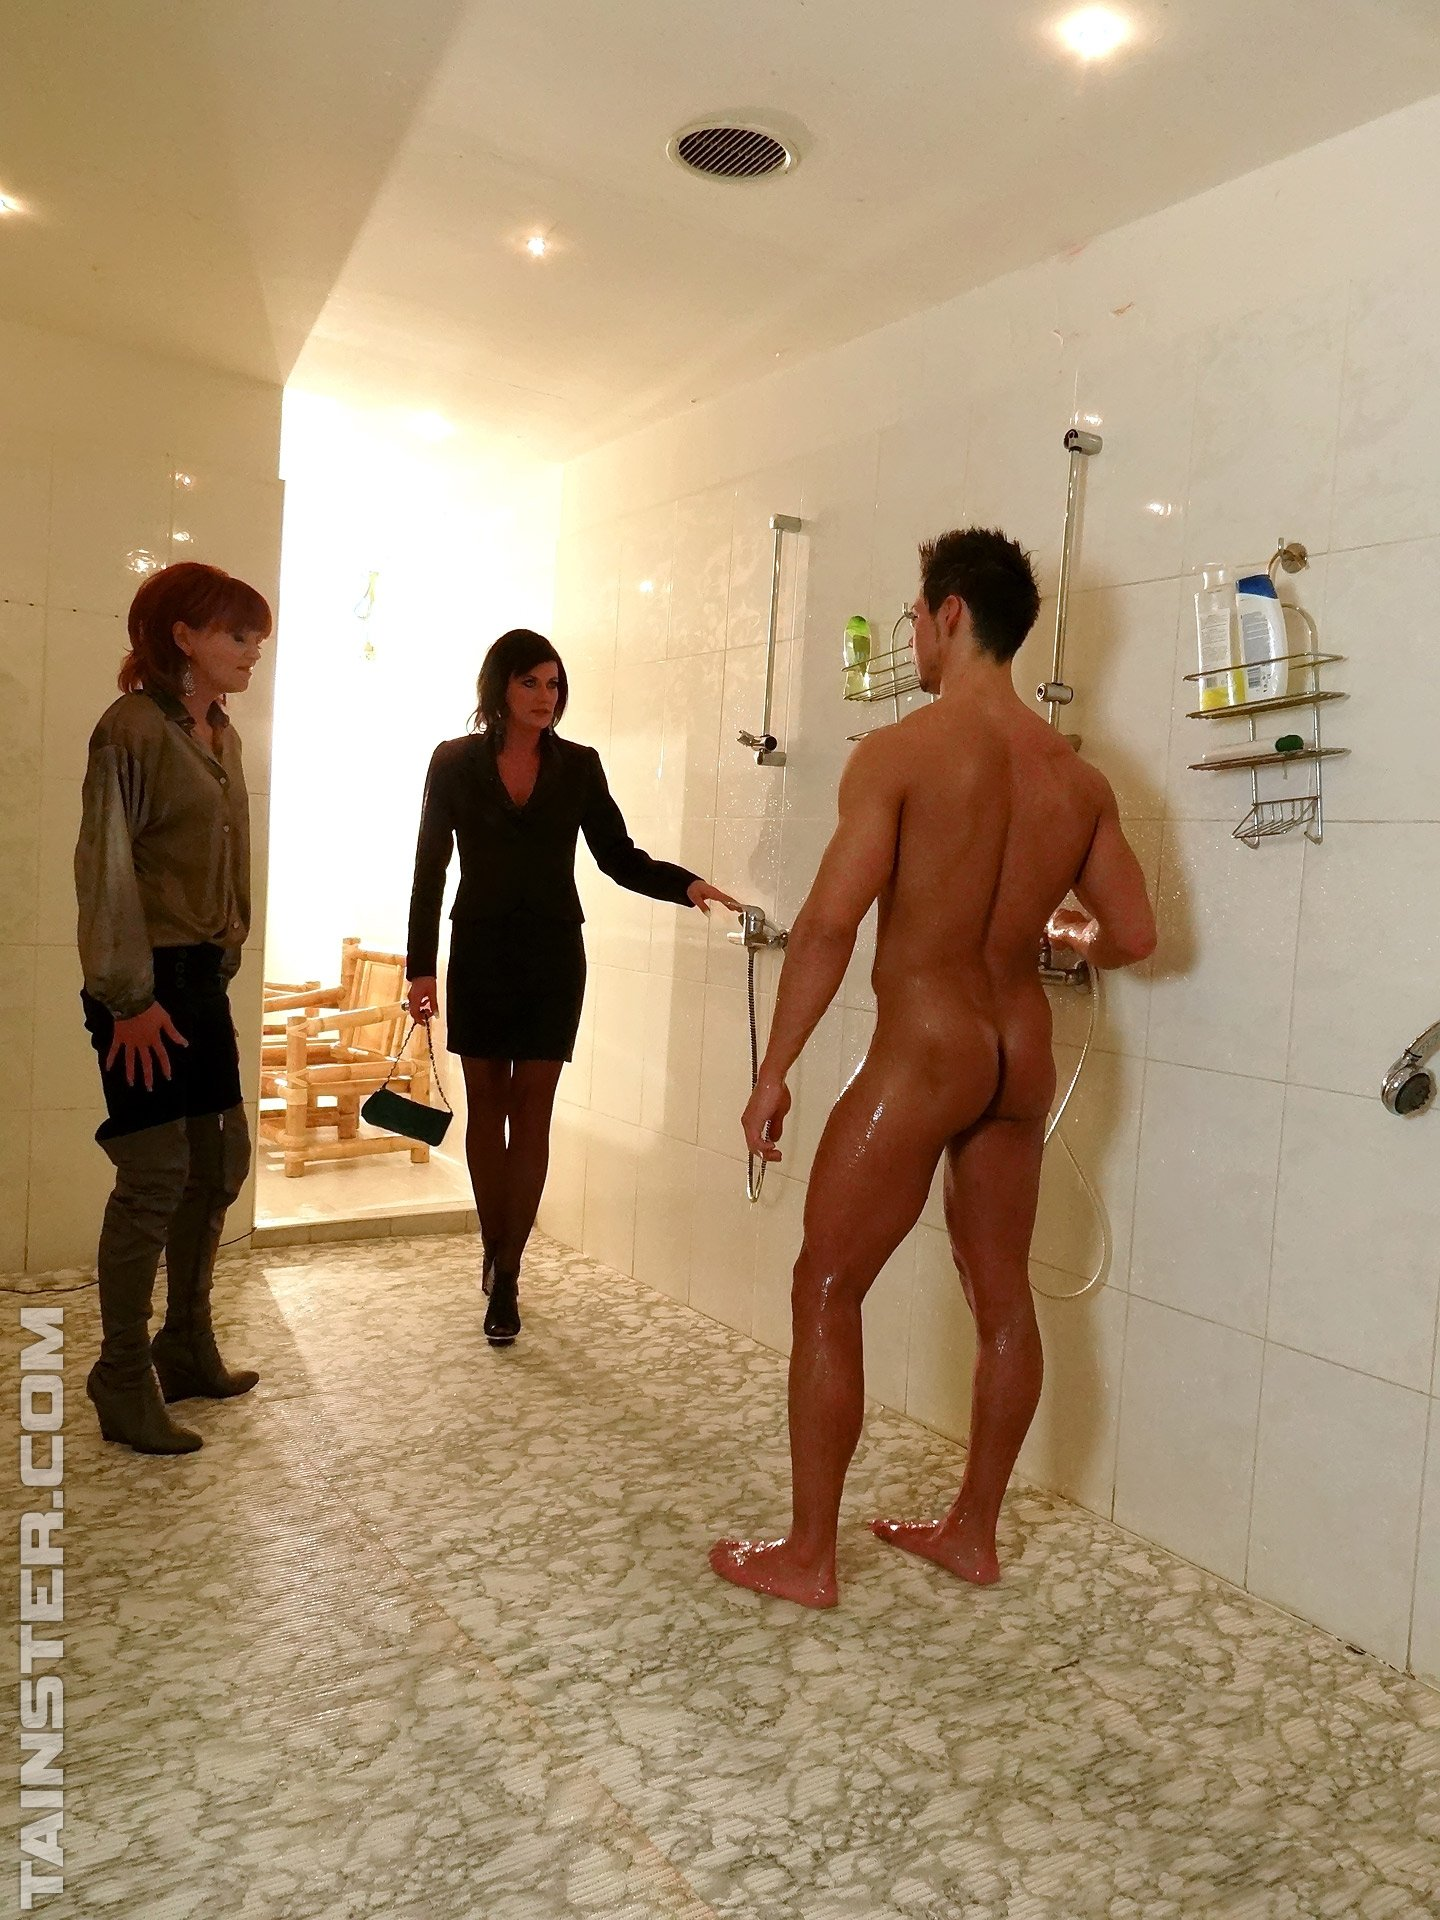 Голые мужчины и женщины в одежде - Фото галерея 920685